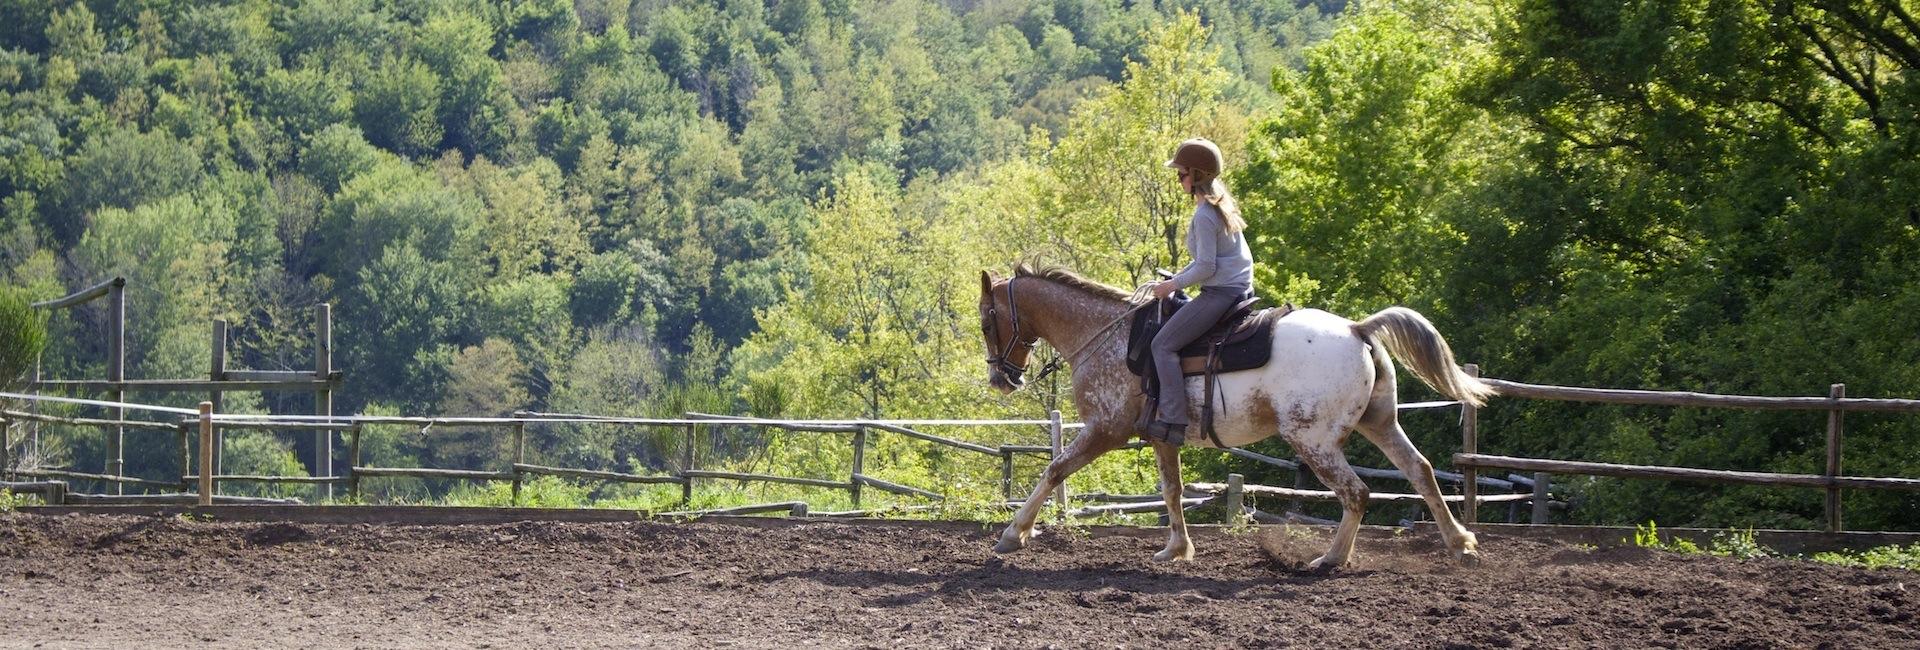 Die Essenz von Harmonie mit dem Pferd